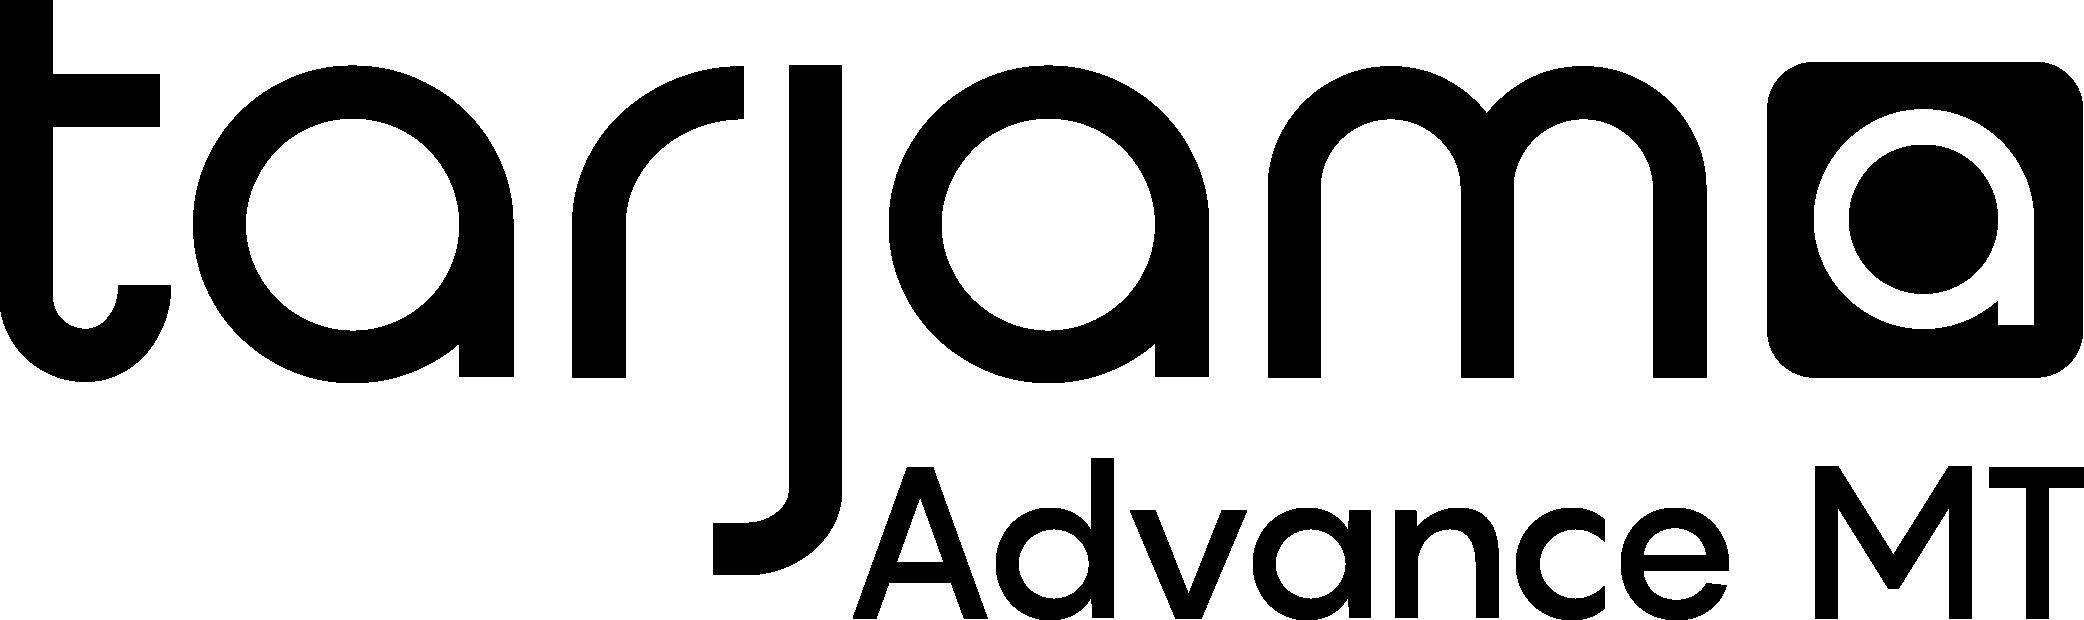 media header image